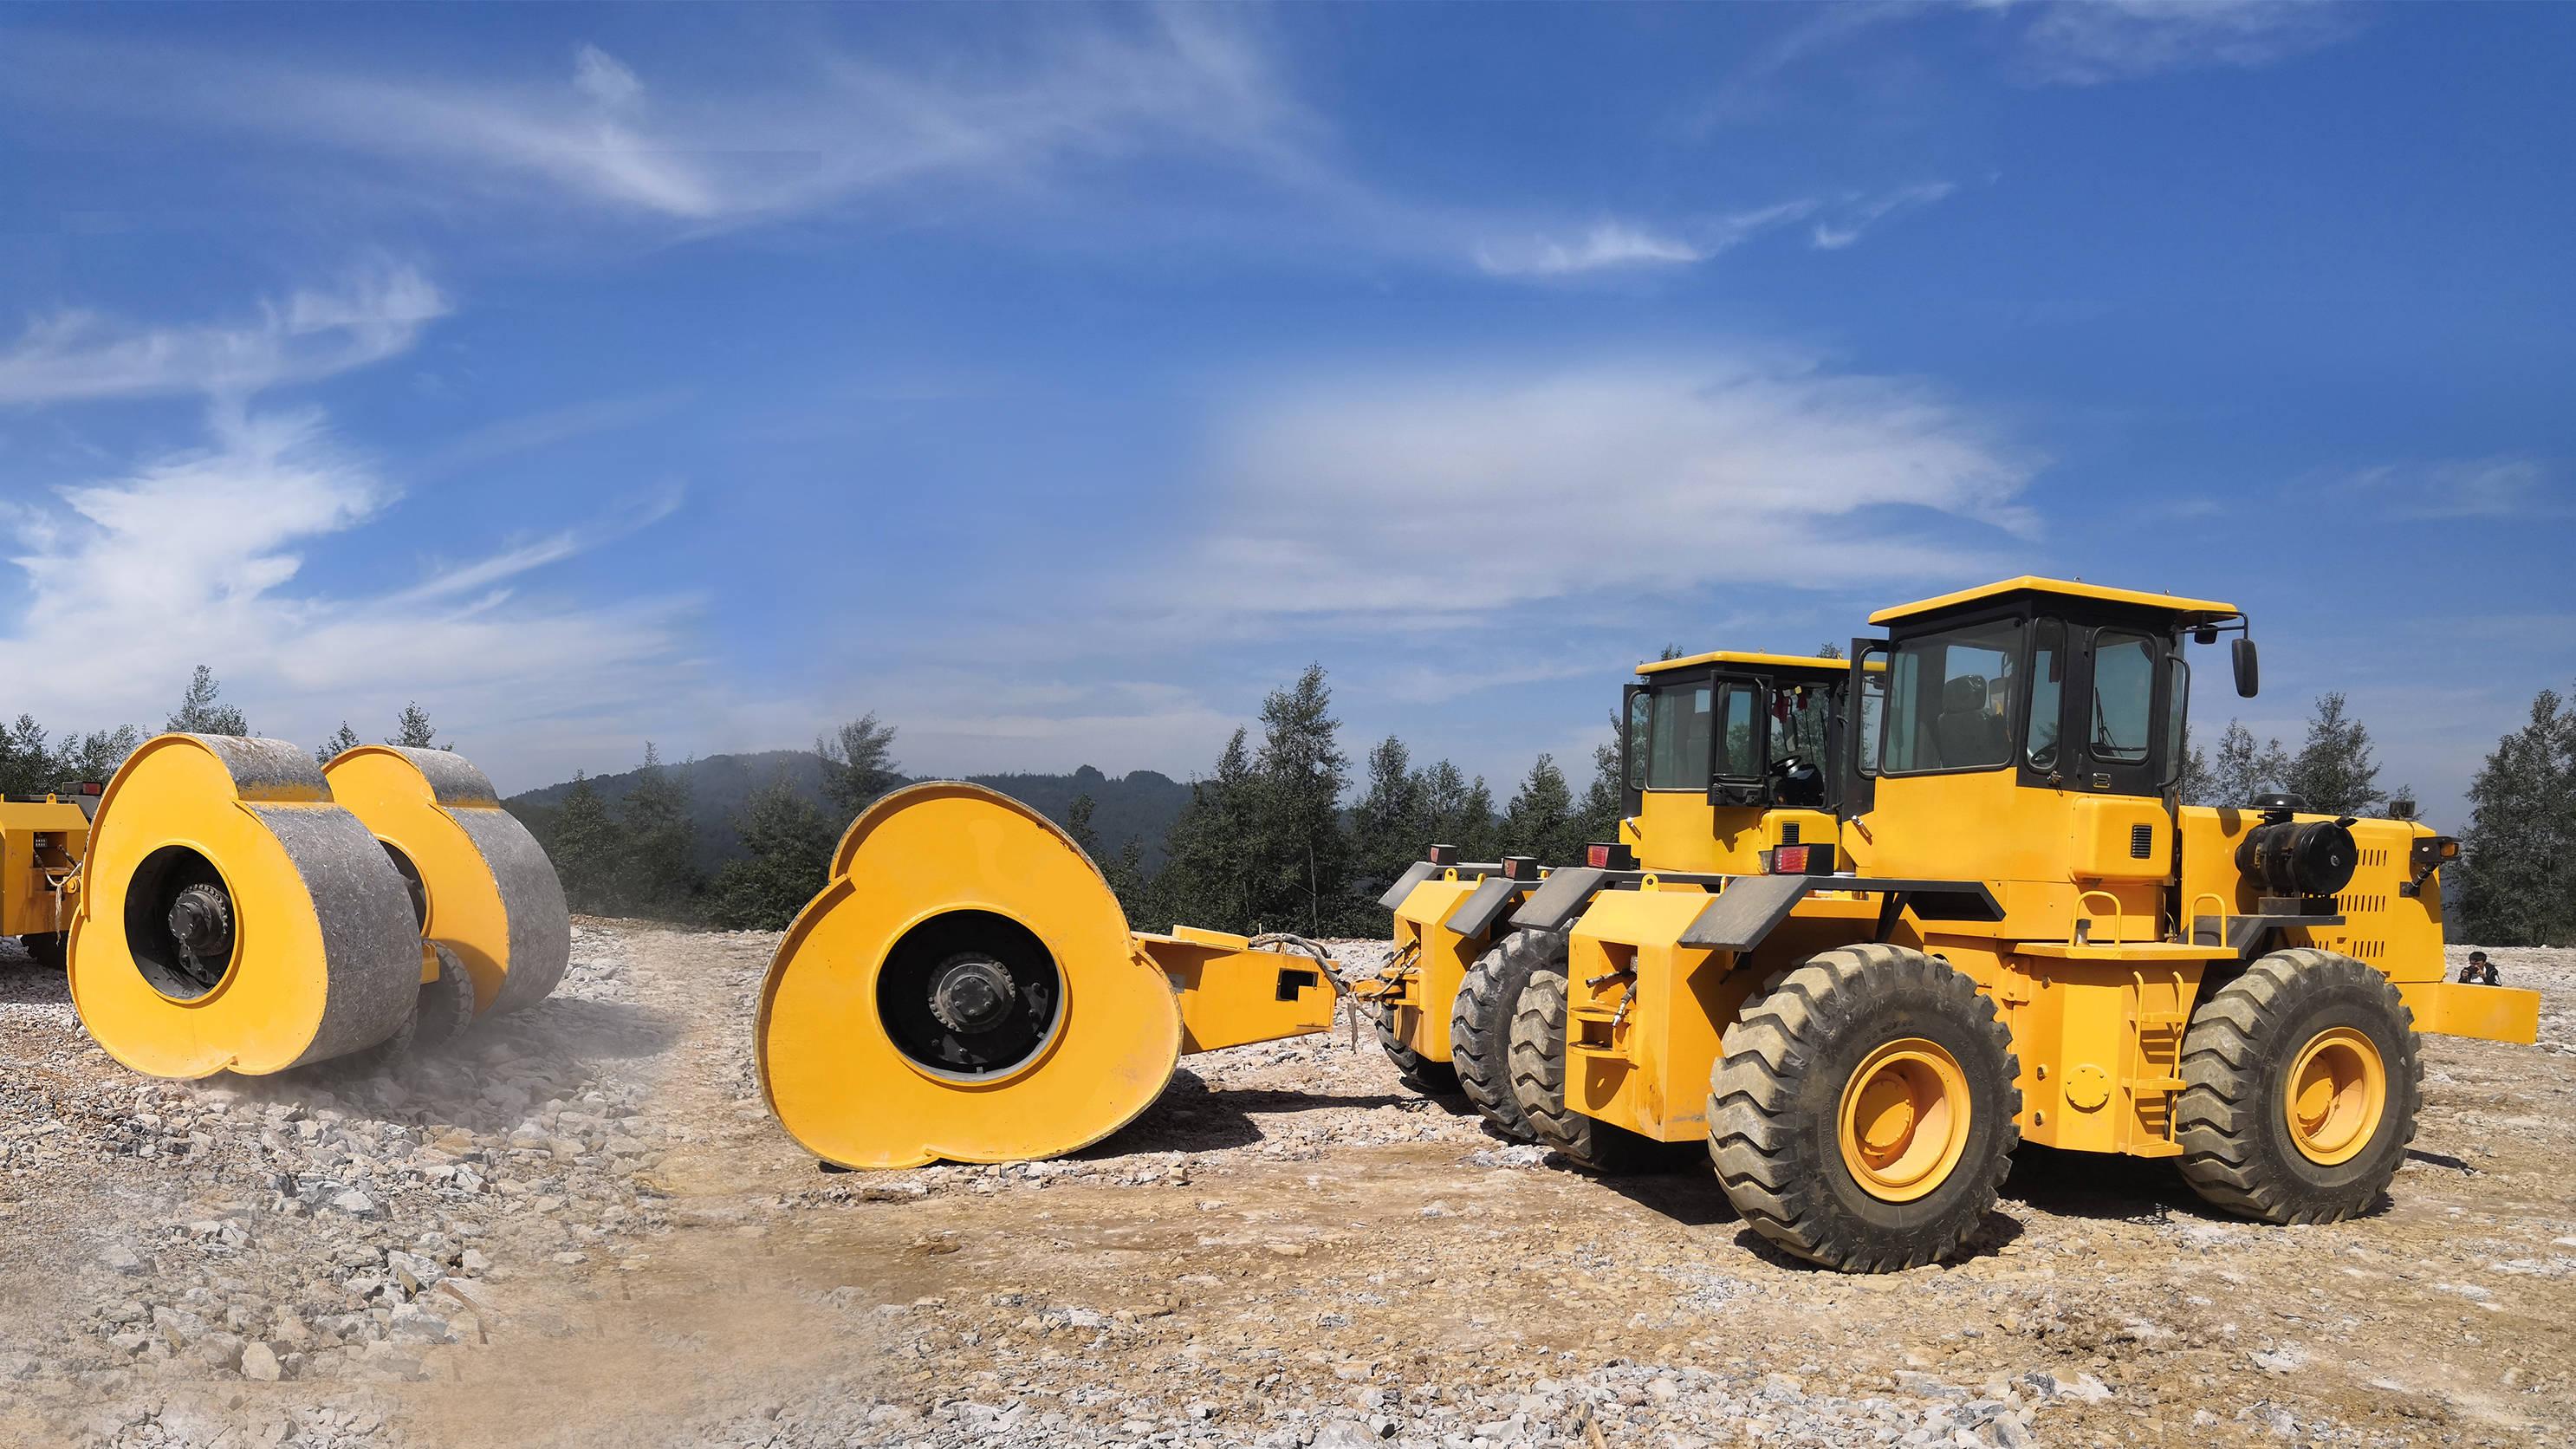 以MDG15矿山机械特殊规格为例,减少新南威尔士州的伤害事故 修建高铁需要什么工程机械